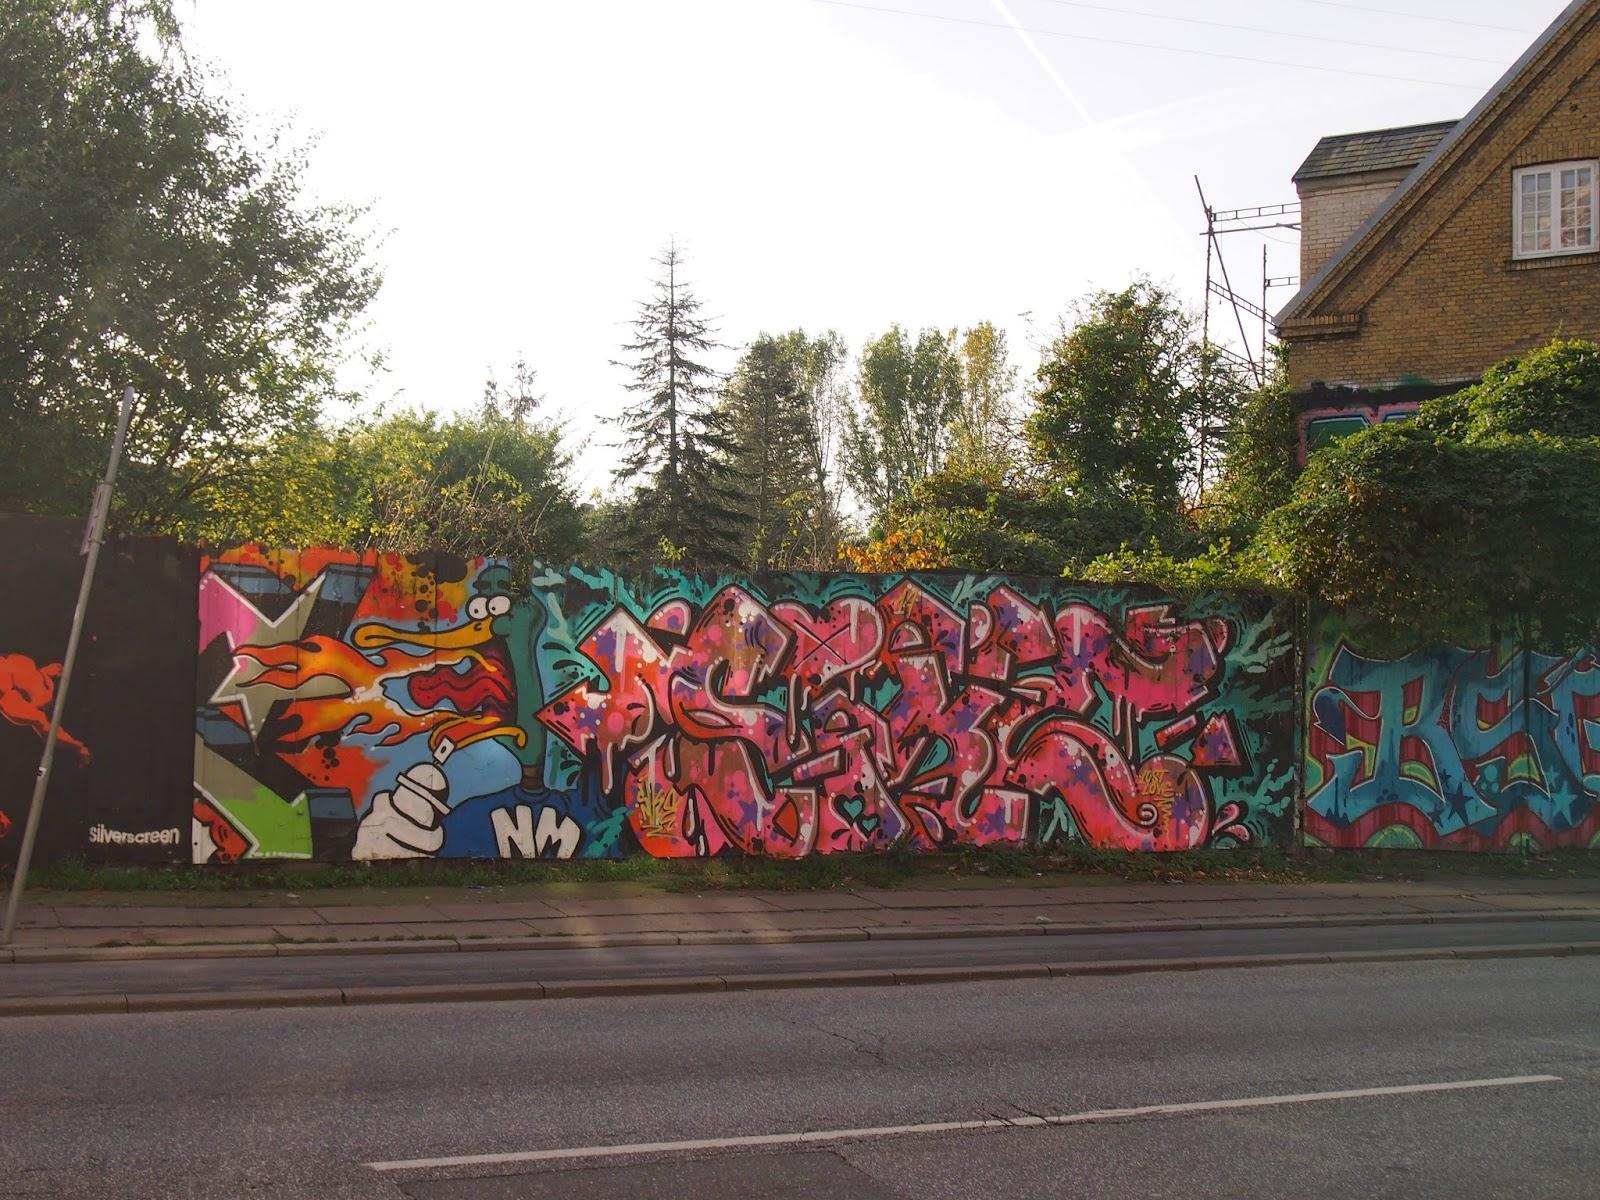 street art near Christiania